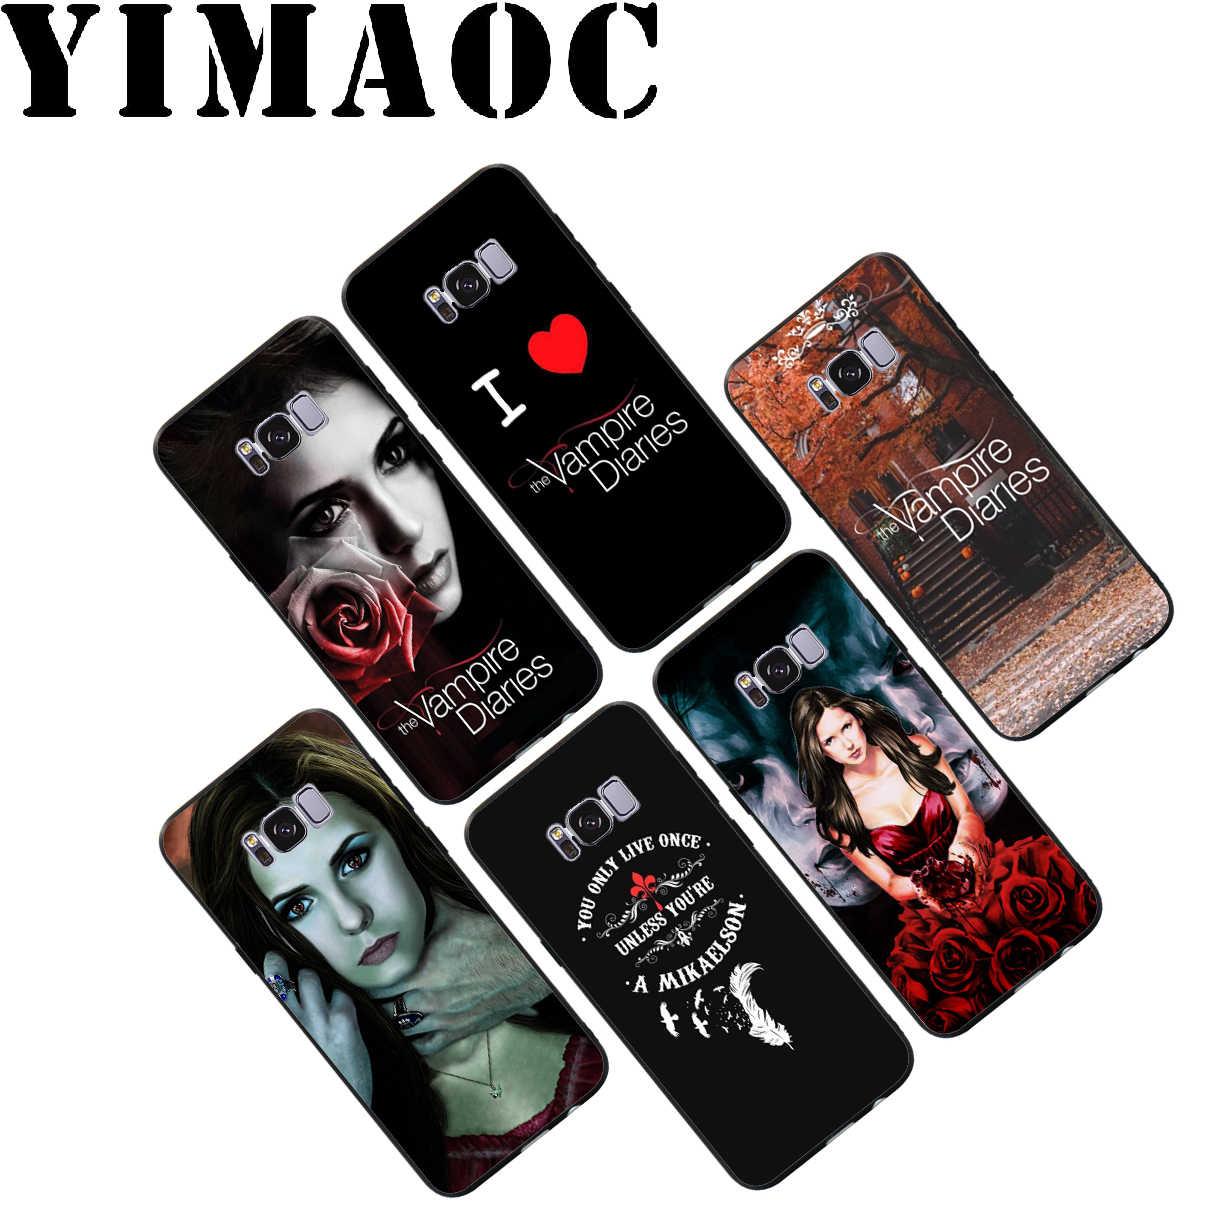 YIMAOC pamiętniki wampirów miękkie etui do Samsung Galaxy S10 S10e S9 S8 A6 Plus S7 S6 krawędzi A7 A5 A3 J6 uwaga 9 8